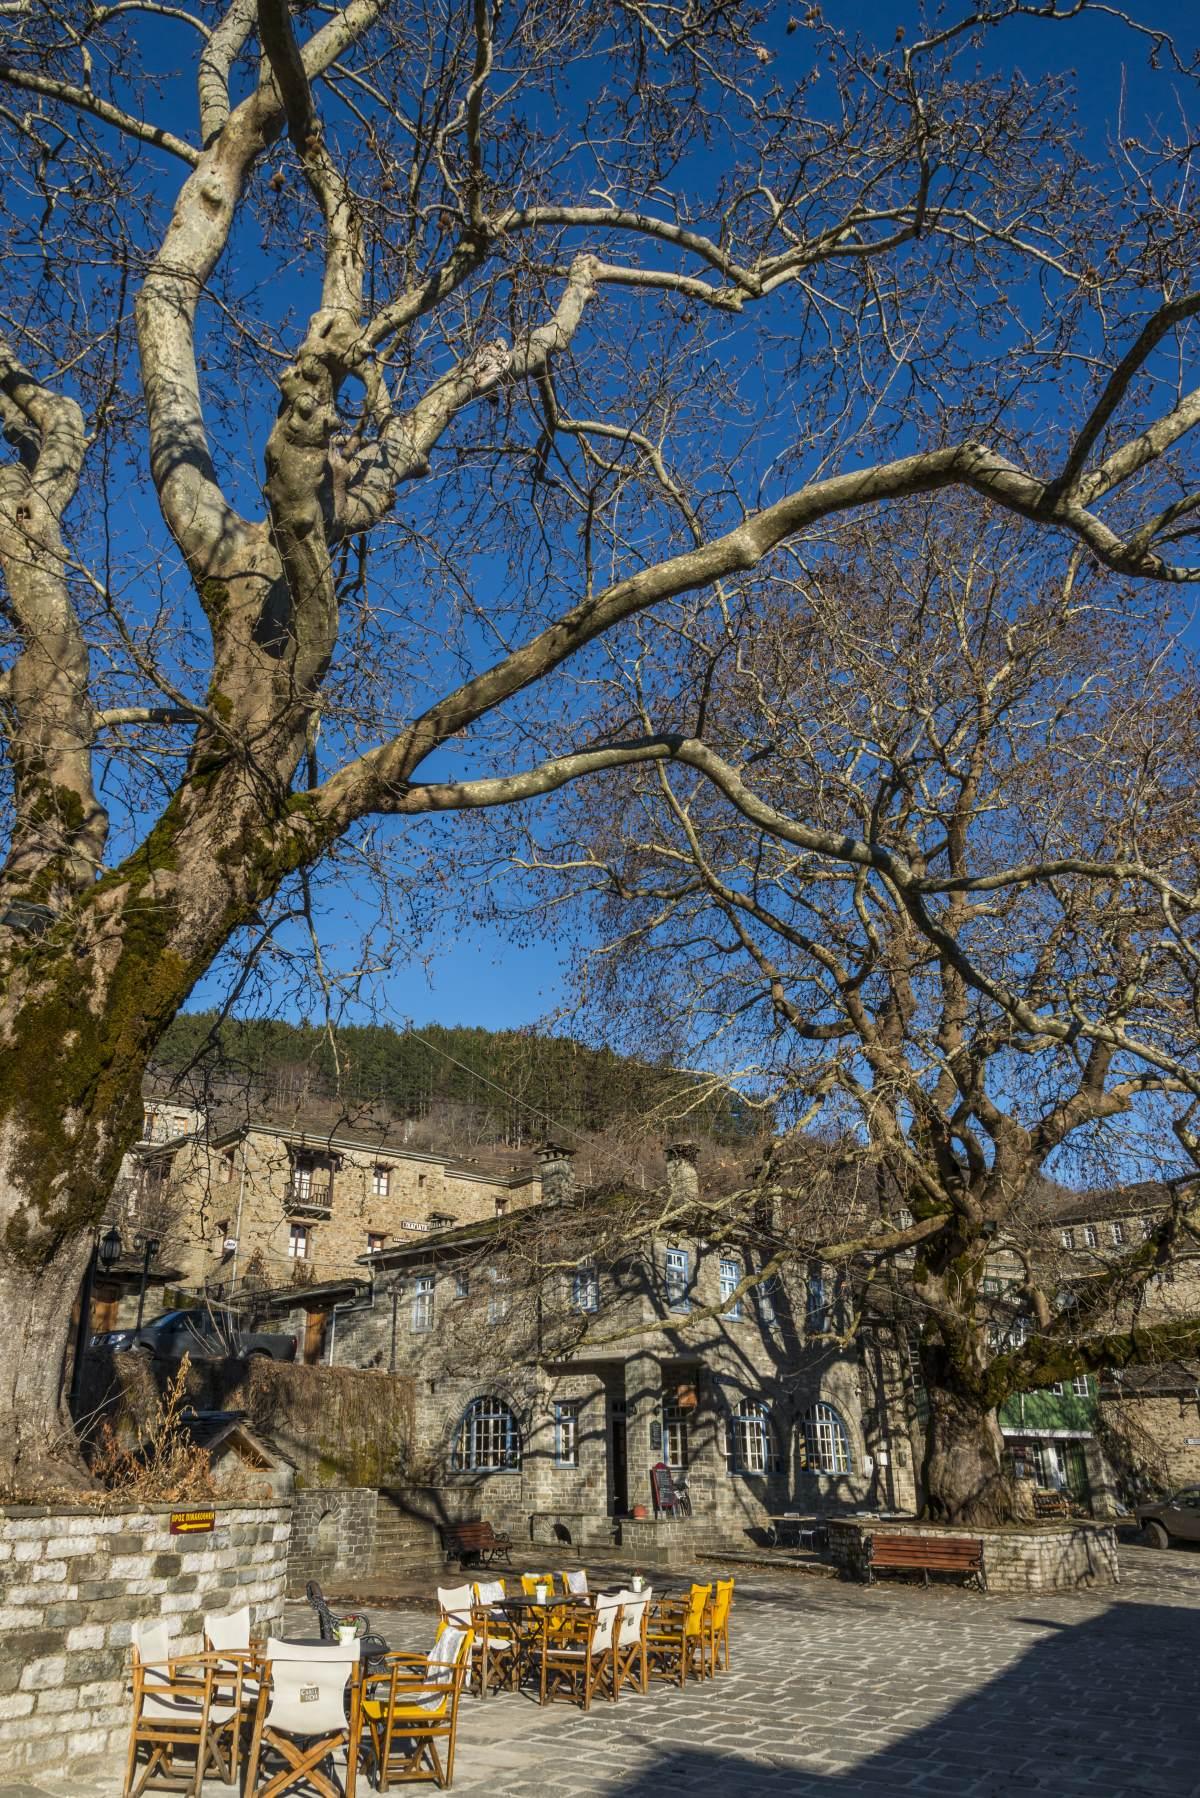 Τσεπέλοβο, στην πλατεία του χωριού